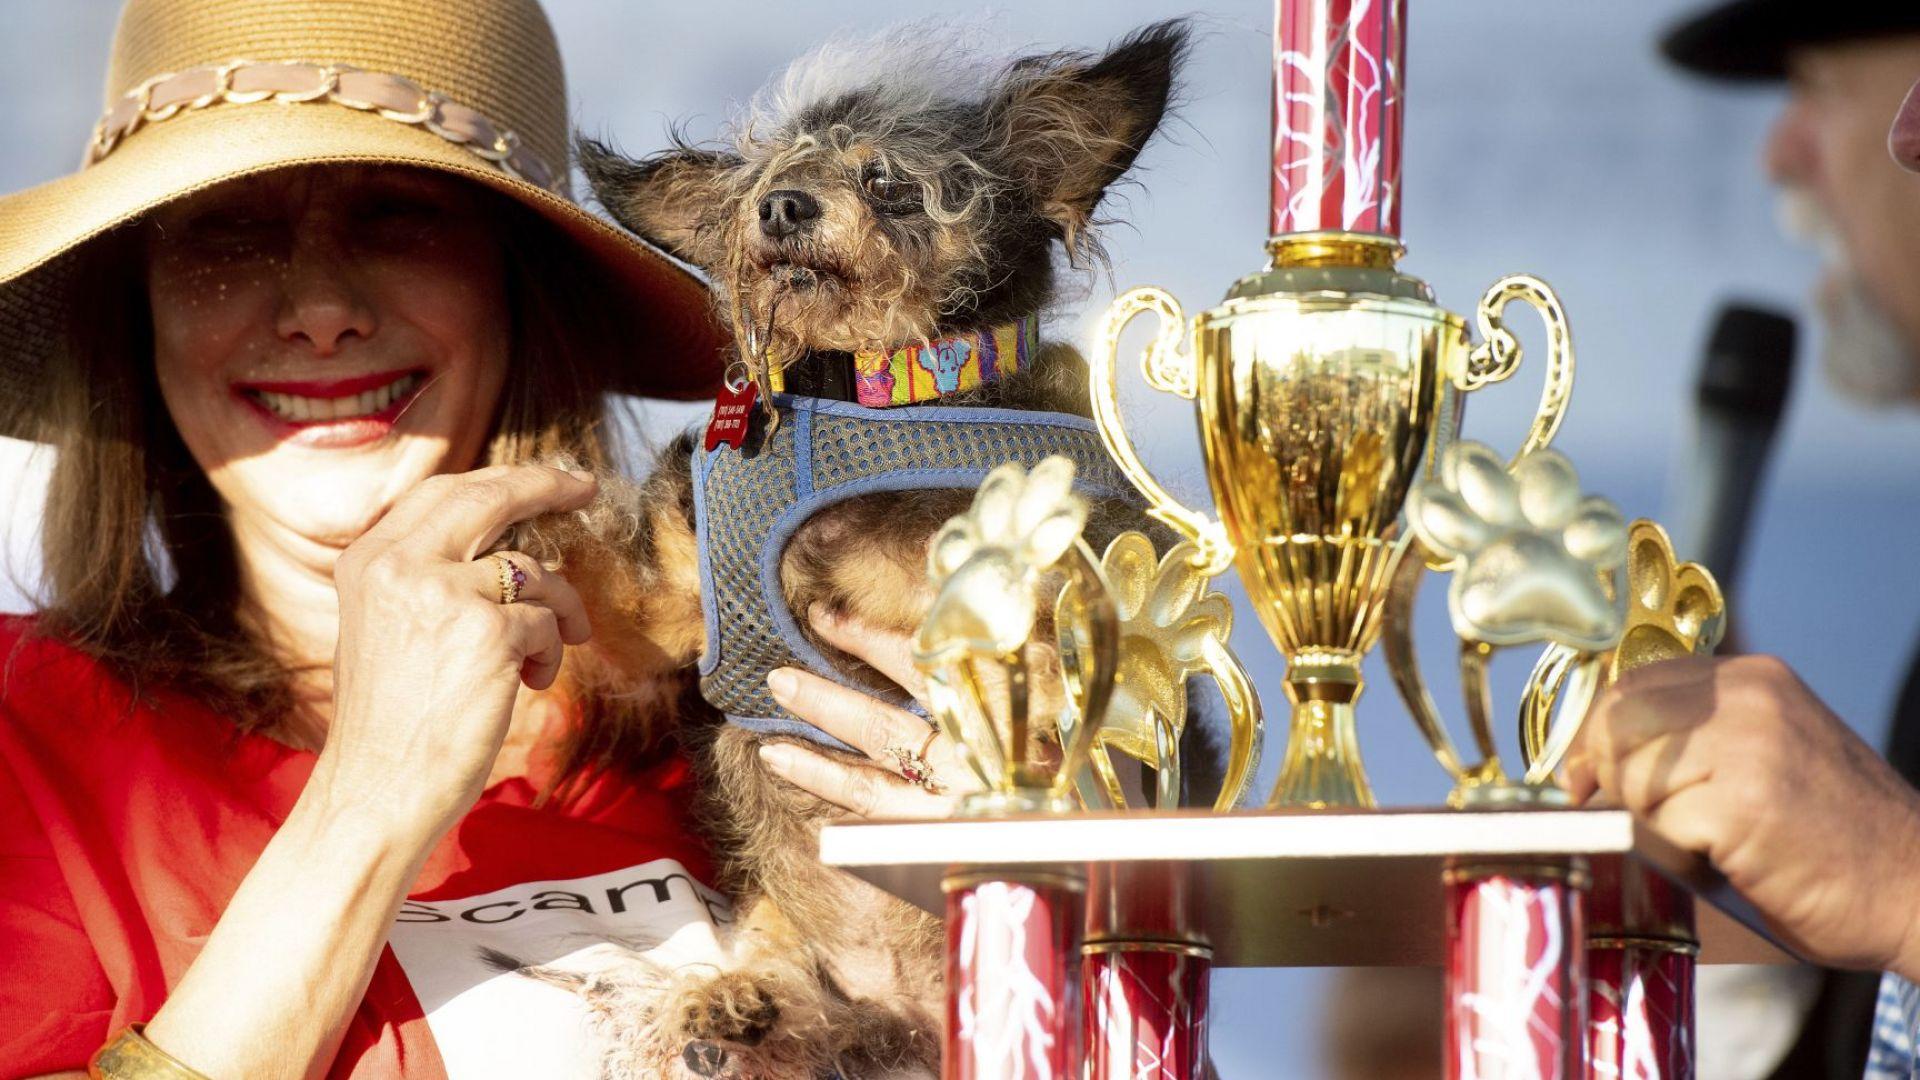 Кривокракият Скамп дъ Трамп е най-грозното куче в света (снимки)